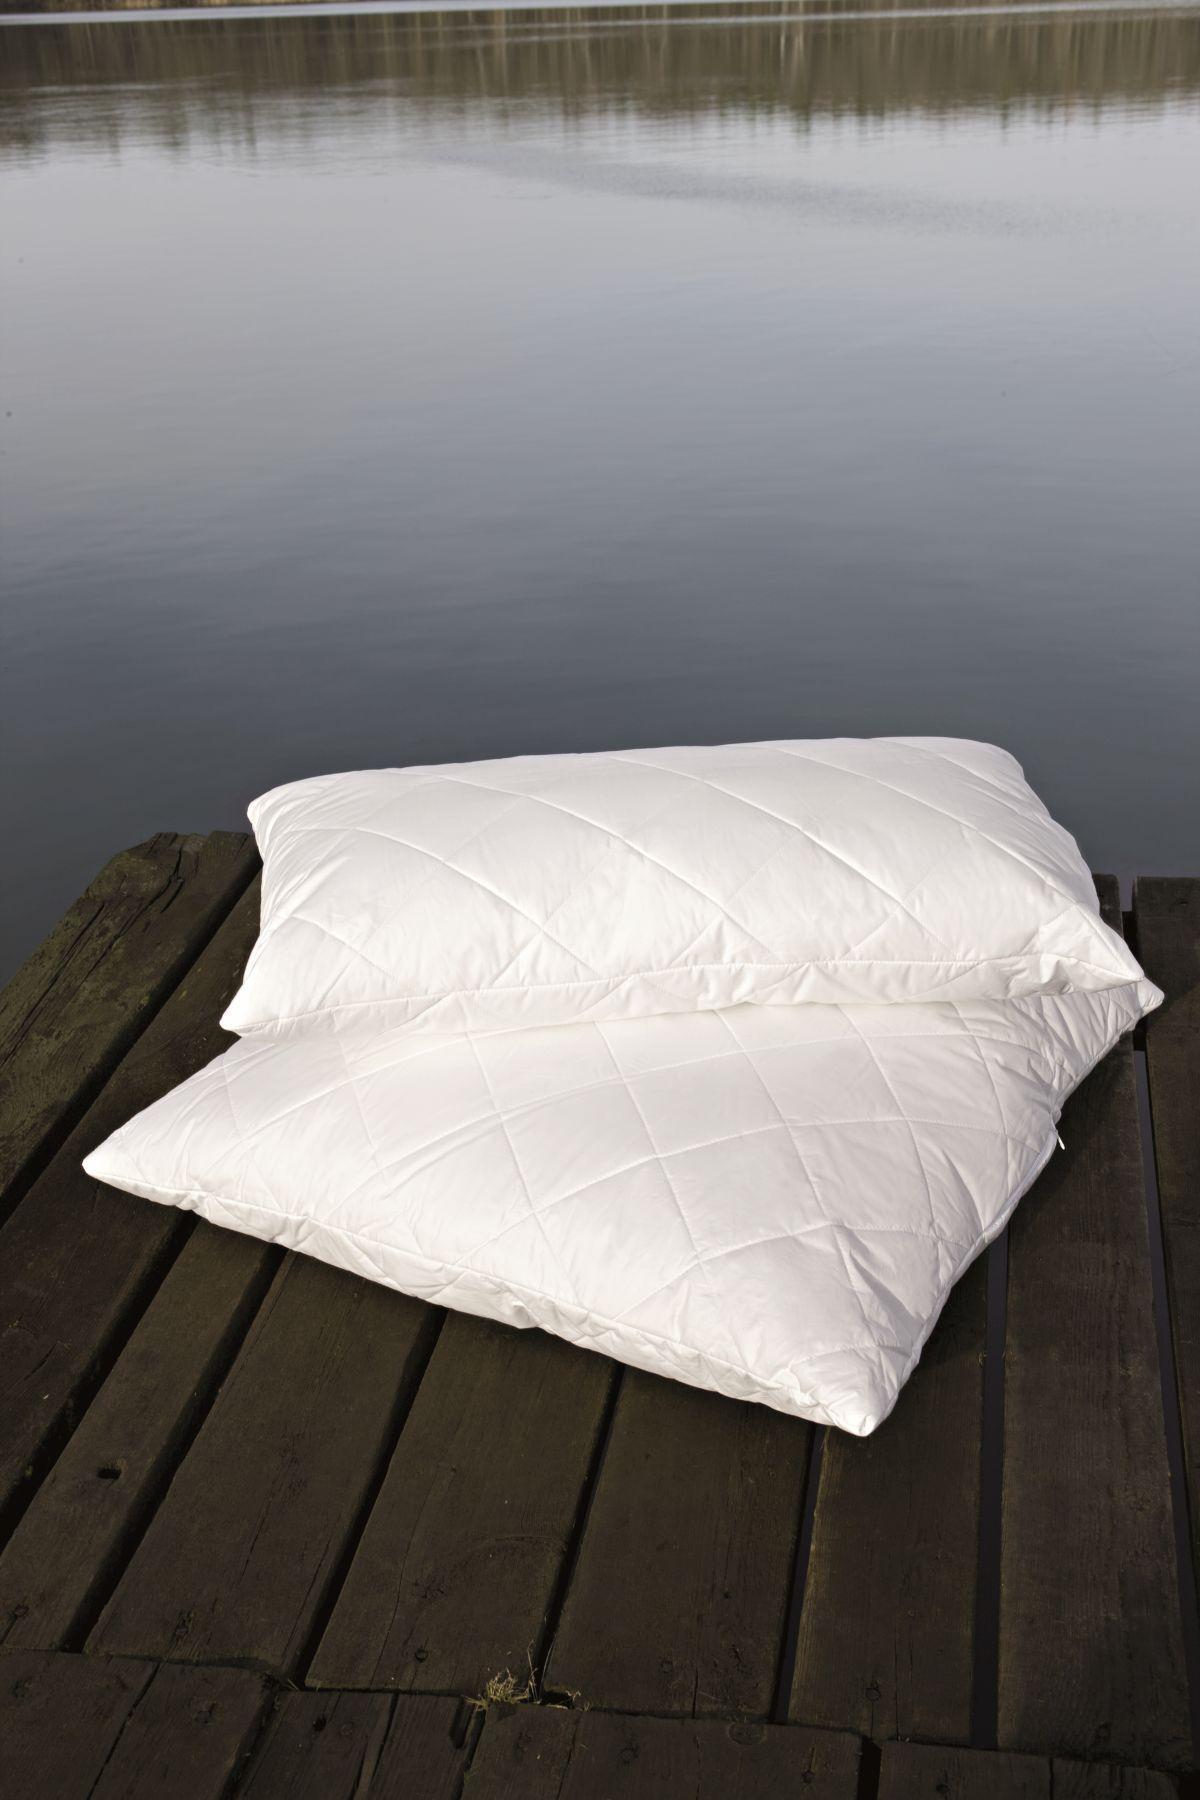 kopfkissen centa star eggers deutsche premiumprodukte. Black Bedroom Furniture Sets. Home Design Ideas